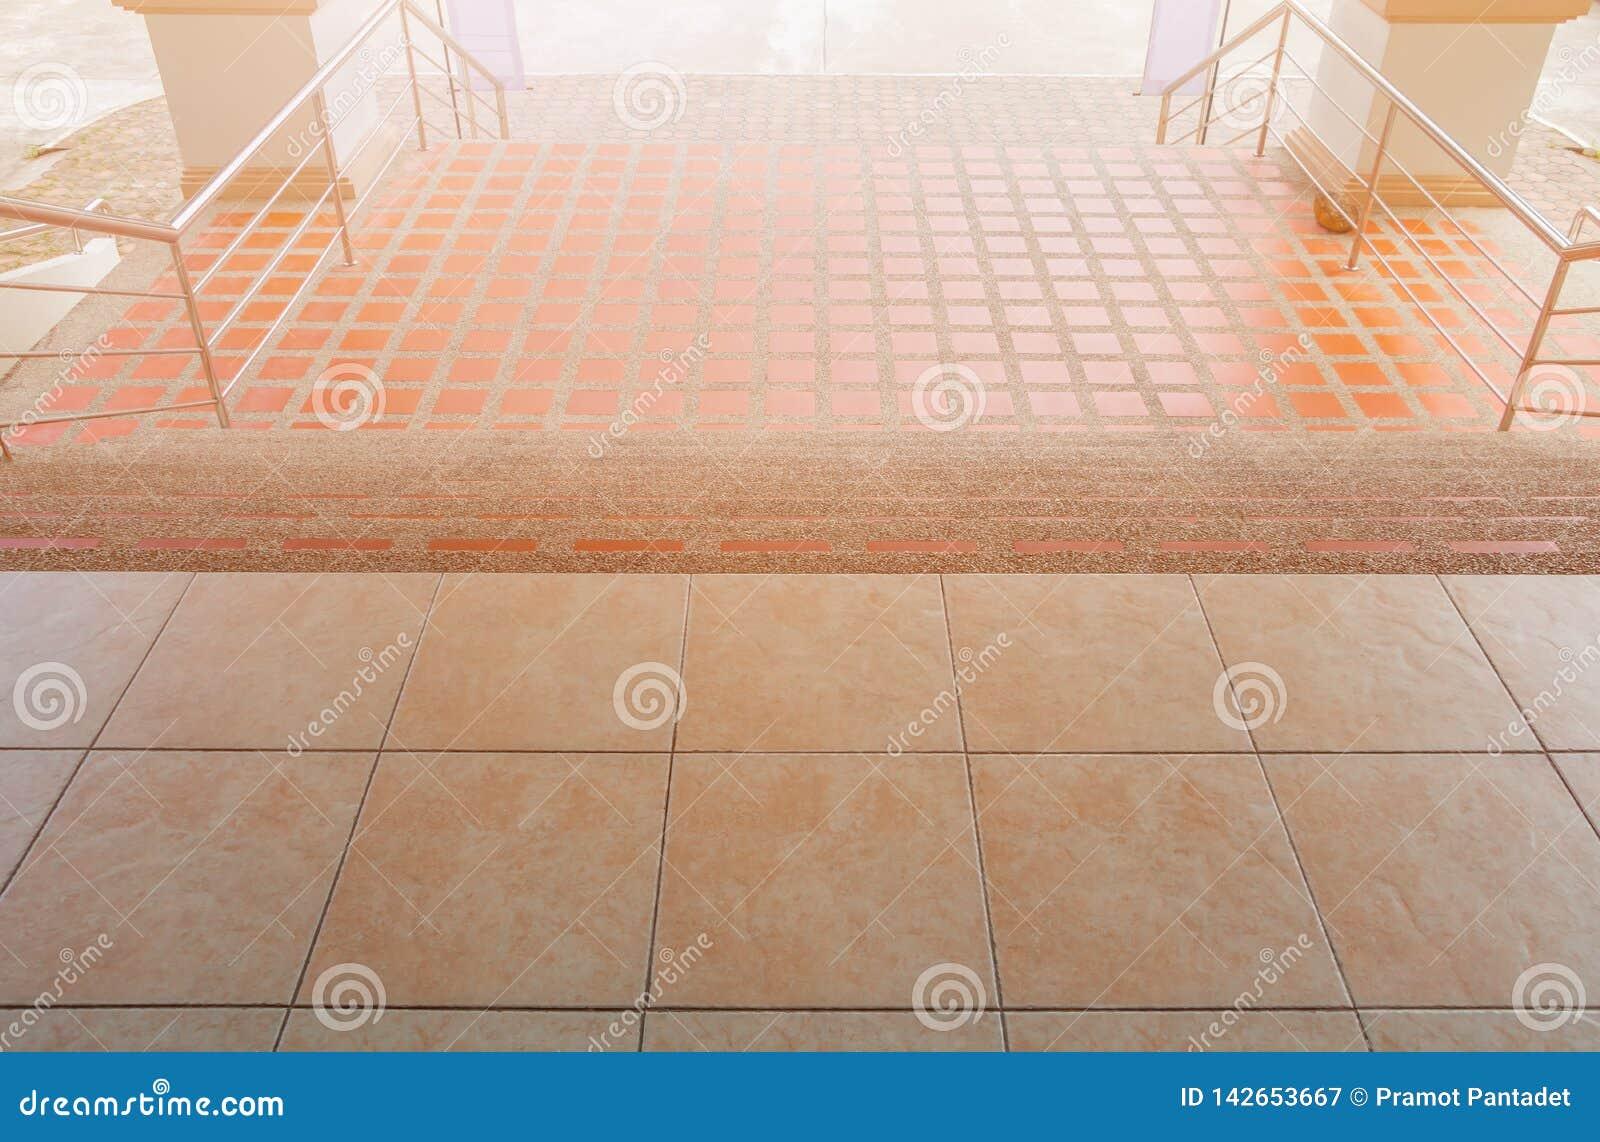 Stairs Walkway Down Terrazzo Flooring Outdoor Building Stock